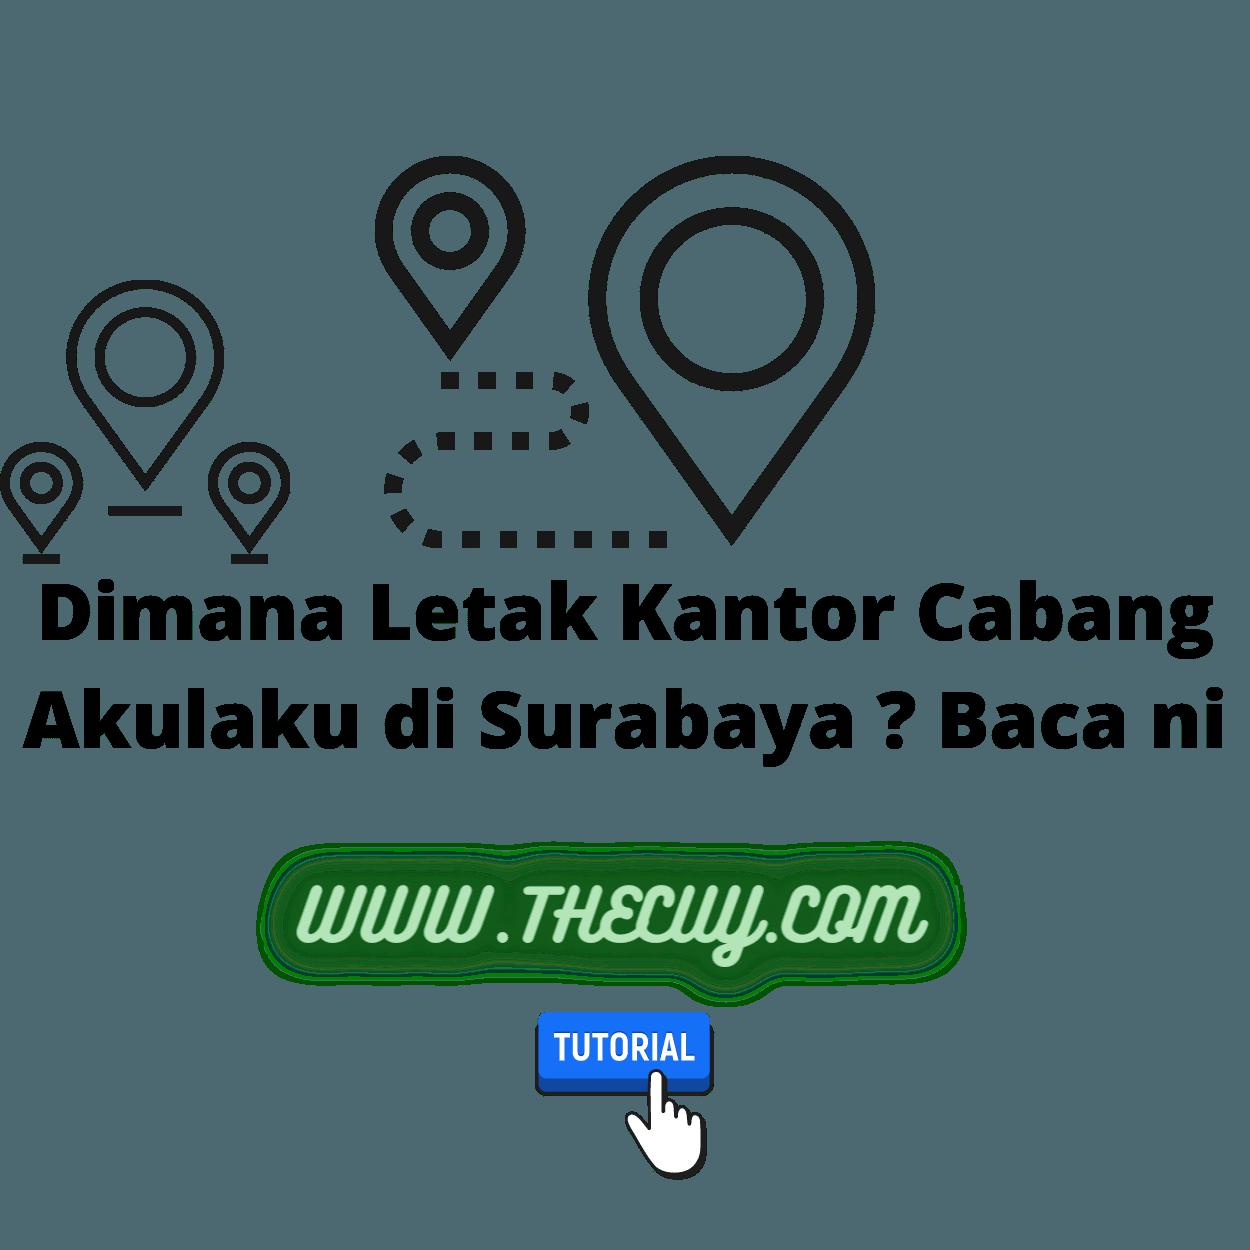 Dimana Letak Kantor Cabang Akulaku di Surabaya ? Baca ni